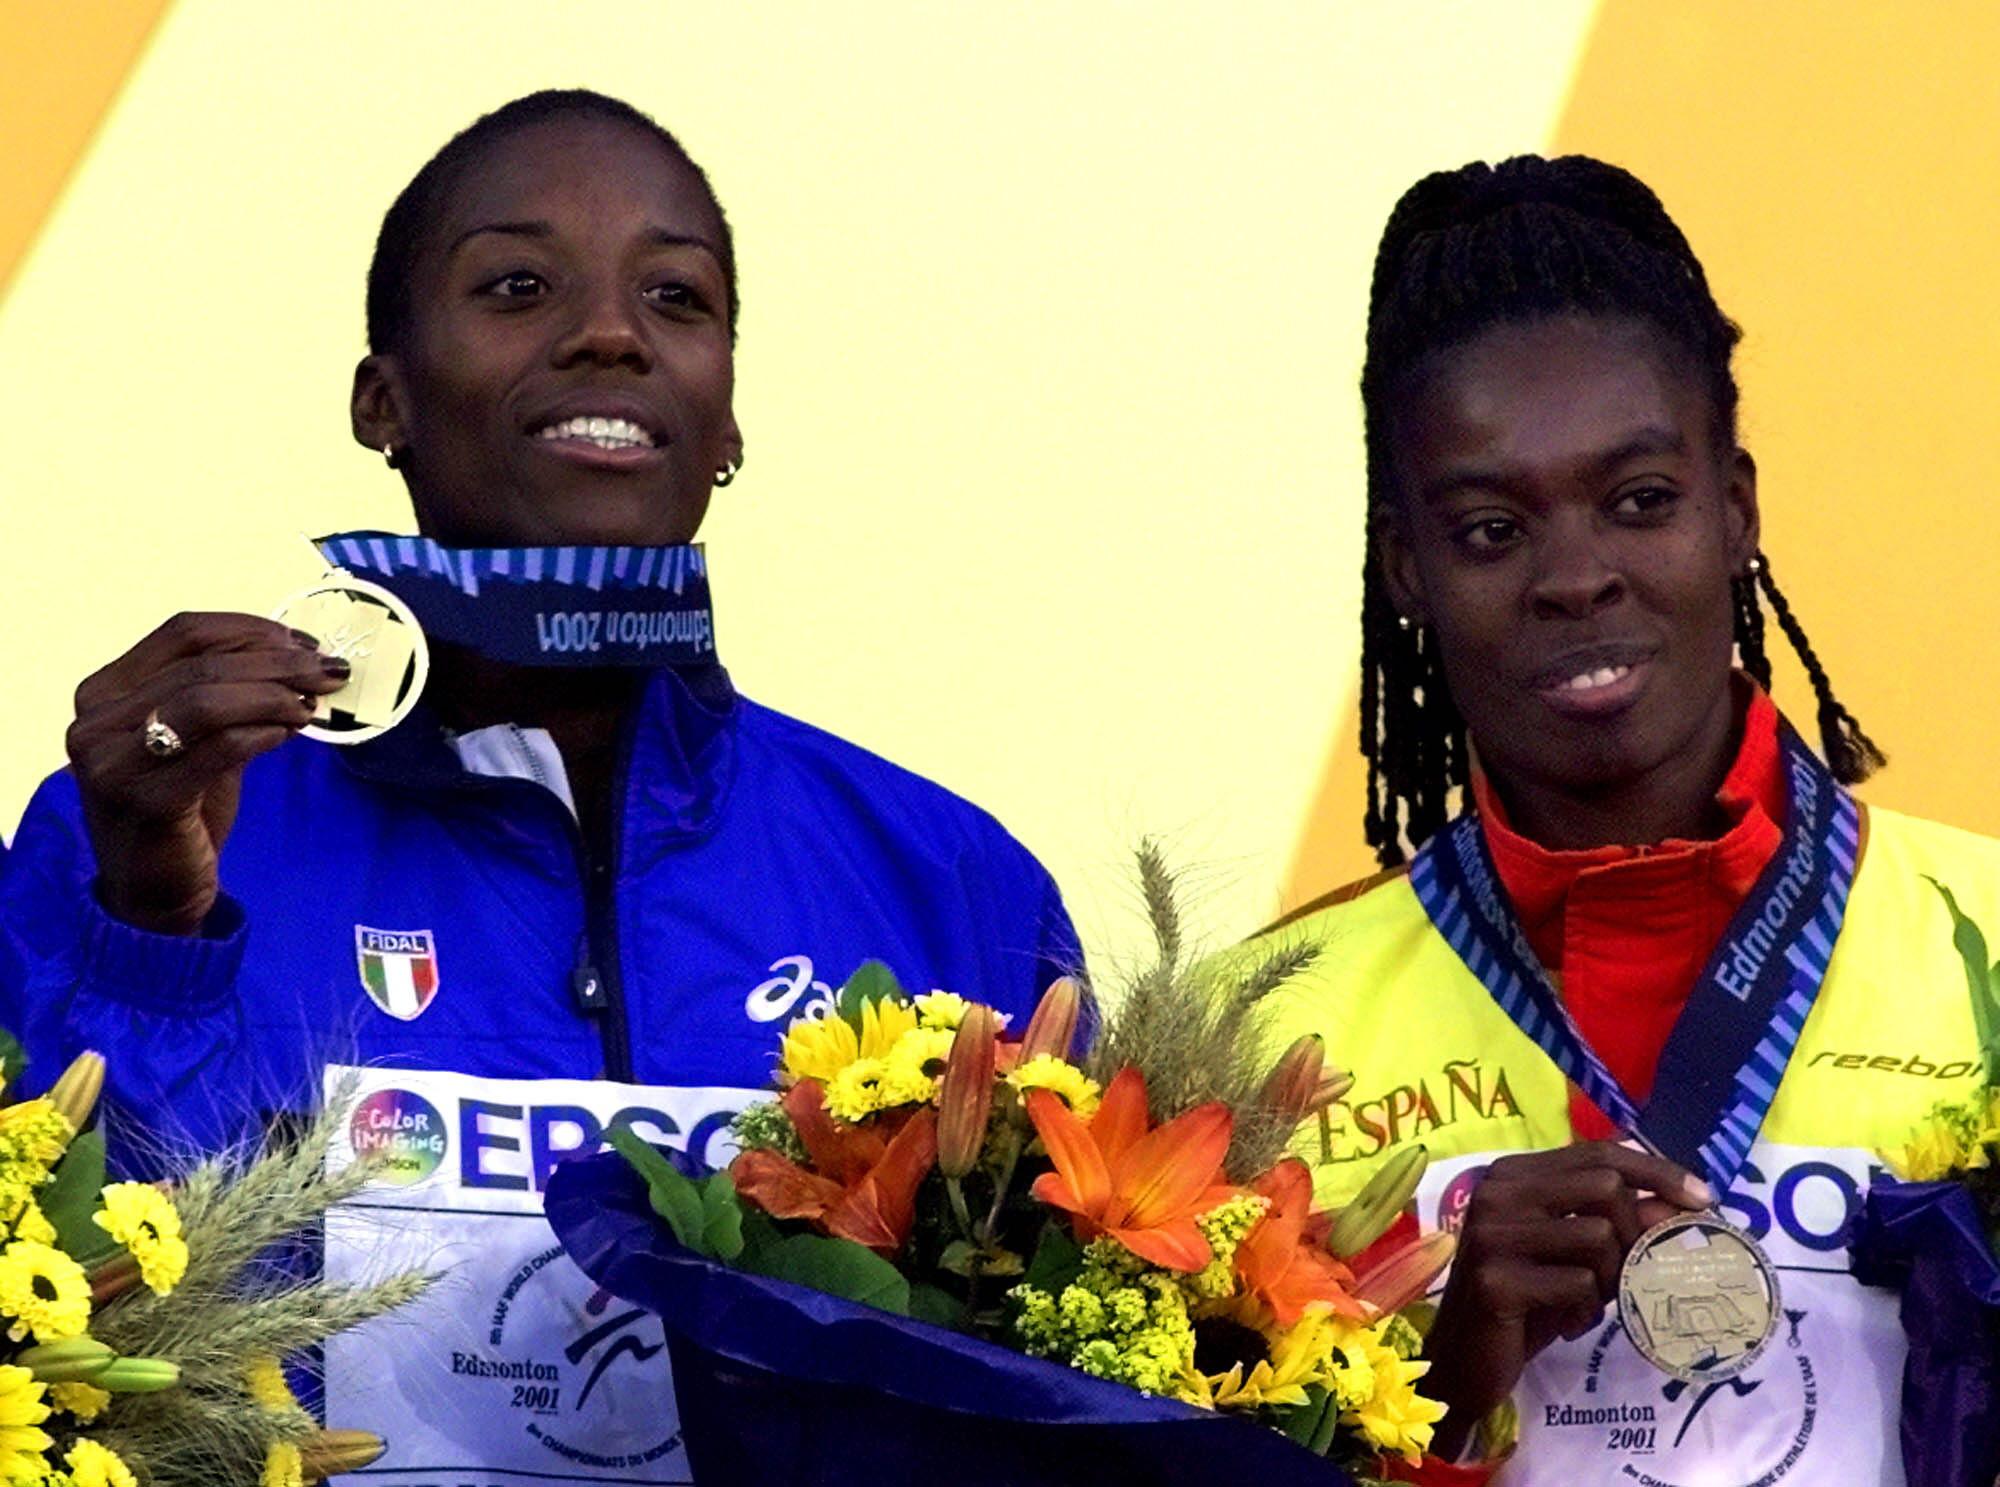 Fiona May y Niruka Montalvo, en el podio de la prueba de salto de longitud de los Mundiales de Edmonton en 2001 (Archivo 20minutos).